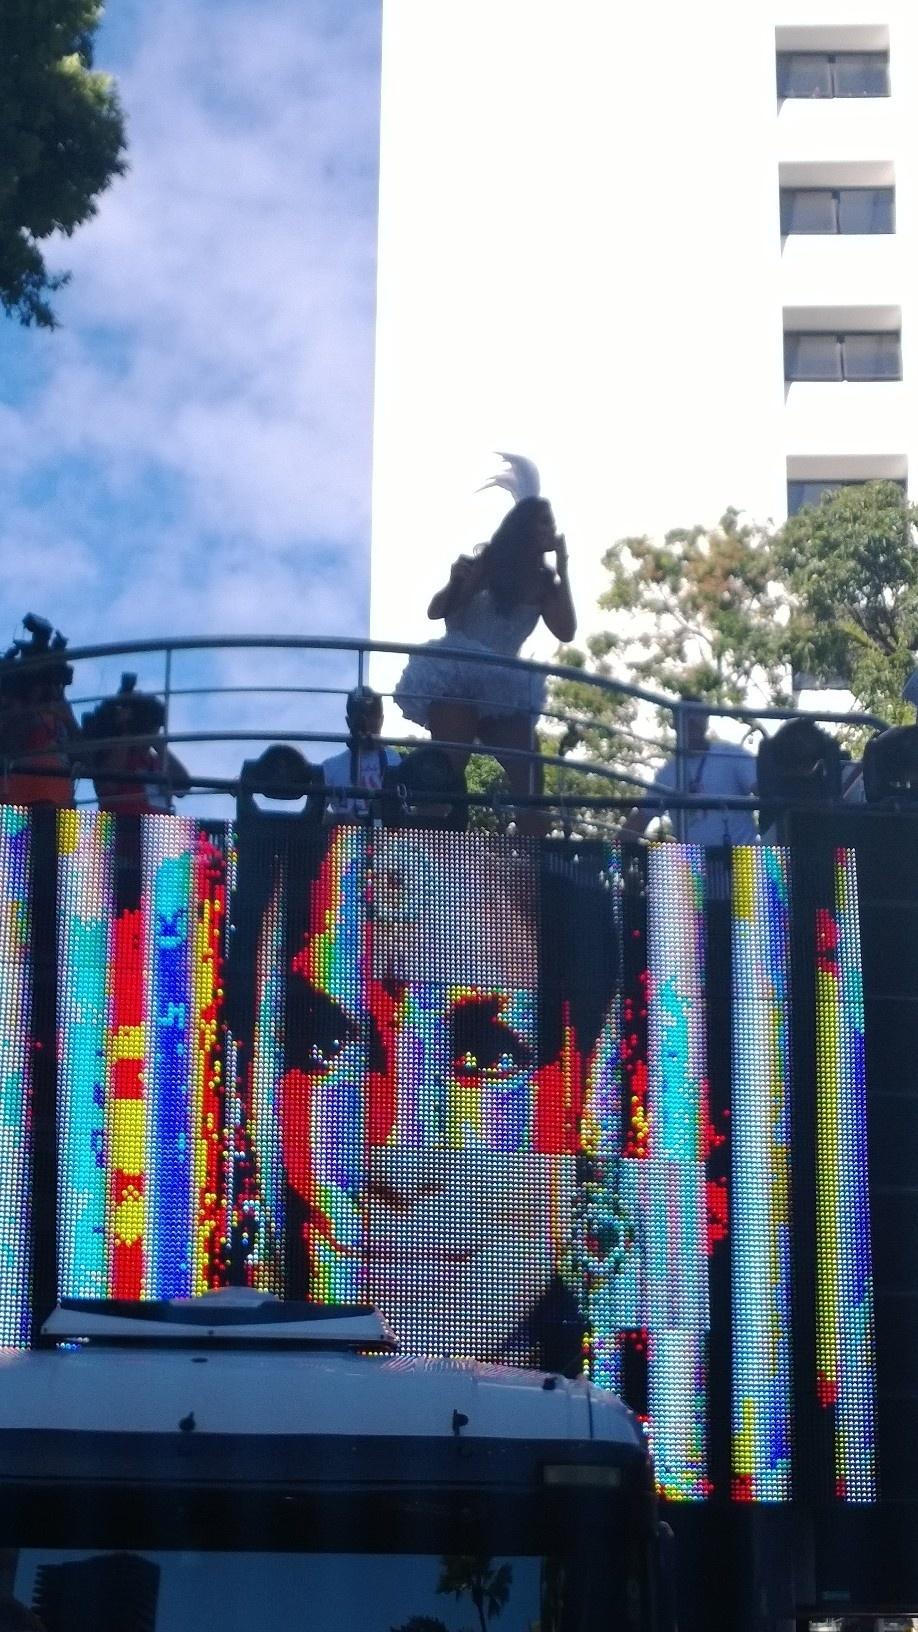 2.mar.2014 - Supostamente grávida de três meses, Ivete Sangalo se apresenta no bloco Coruja, no circuito Campo Grande em Salvador. Segundo o site Glamurama, a cantora, que já é mãe de Marcelo, de quatro anos, espera seu segundo filho com o marido, o nutricionista Daniel Cady. No início da apresentação, Ivete perguntou aos foliões se estava bonita.